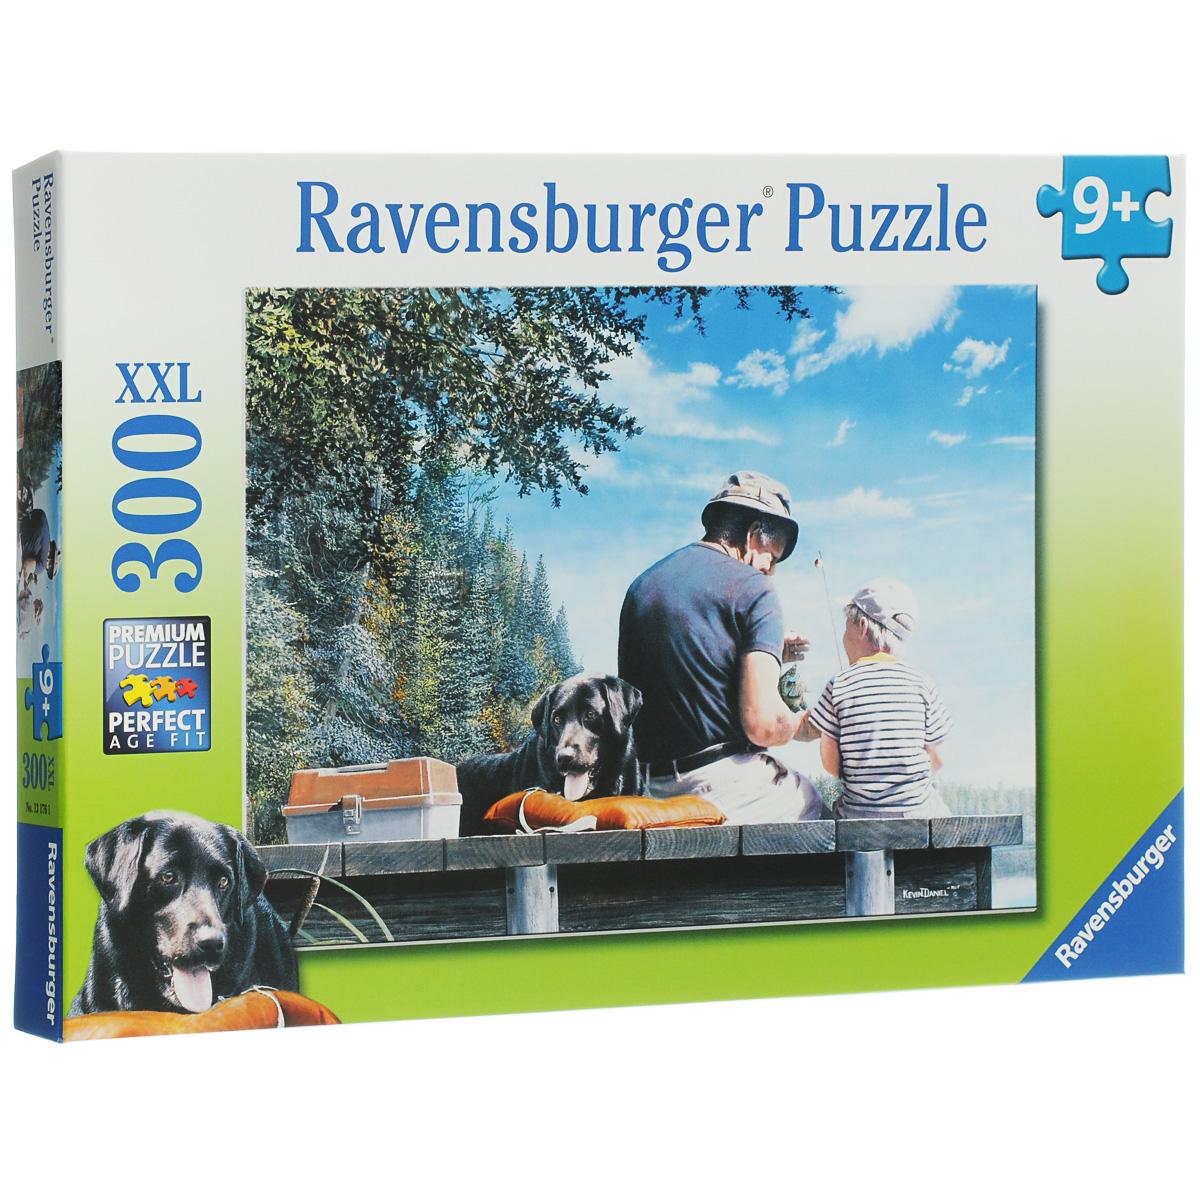 Ravensburger На рыбалке. Пазл XXL, 300 элементов13176Пазл Ravensburger На рыбалке понравится и вам, и вашему ребенку. Собрав этот пазл, включающий в себя 300 крупных элементов, вы получите замечательный постер с изображением рыбаков. Пазл - великолепная игра для семейного досуга. Сегодня собирание пазлов стало особенно популярным, главным образом, благодаря своей многообразной тематике, способной удовлетворить самый взыскательный вкус. А для детей это не только интересно, но и полезно. Собирание пазла развивает мелкую моторику у ребенка, тренирует наблюдательность, логическое мышление, знакомит с окружающим миром, с цветом и разнообразными формами.